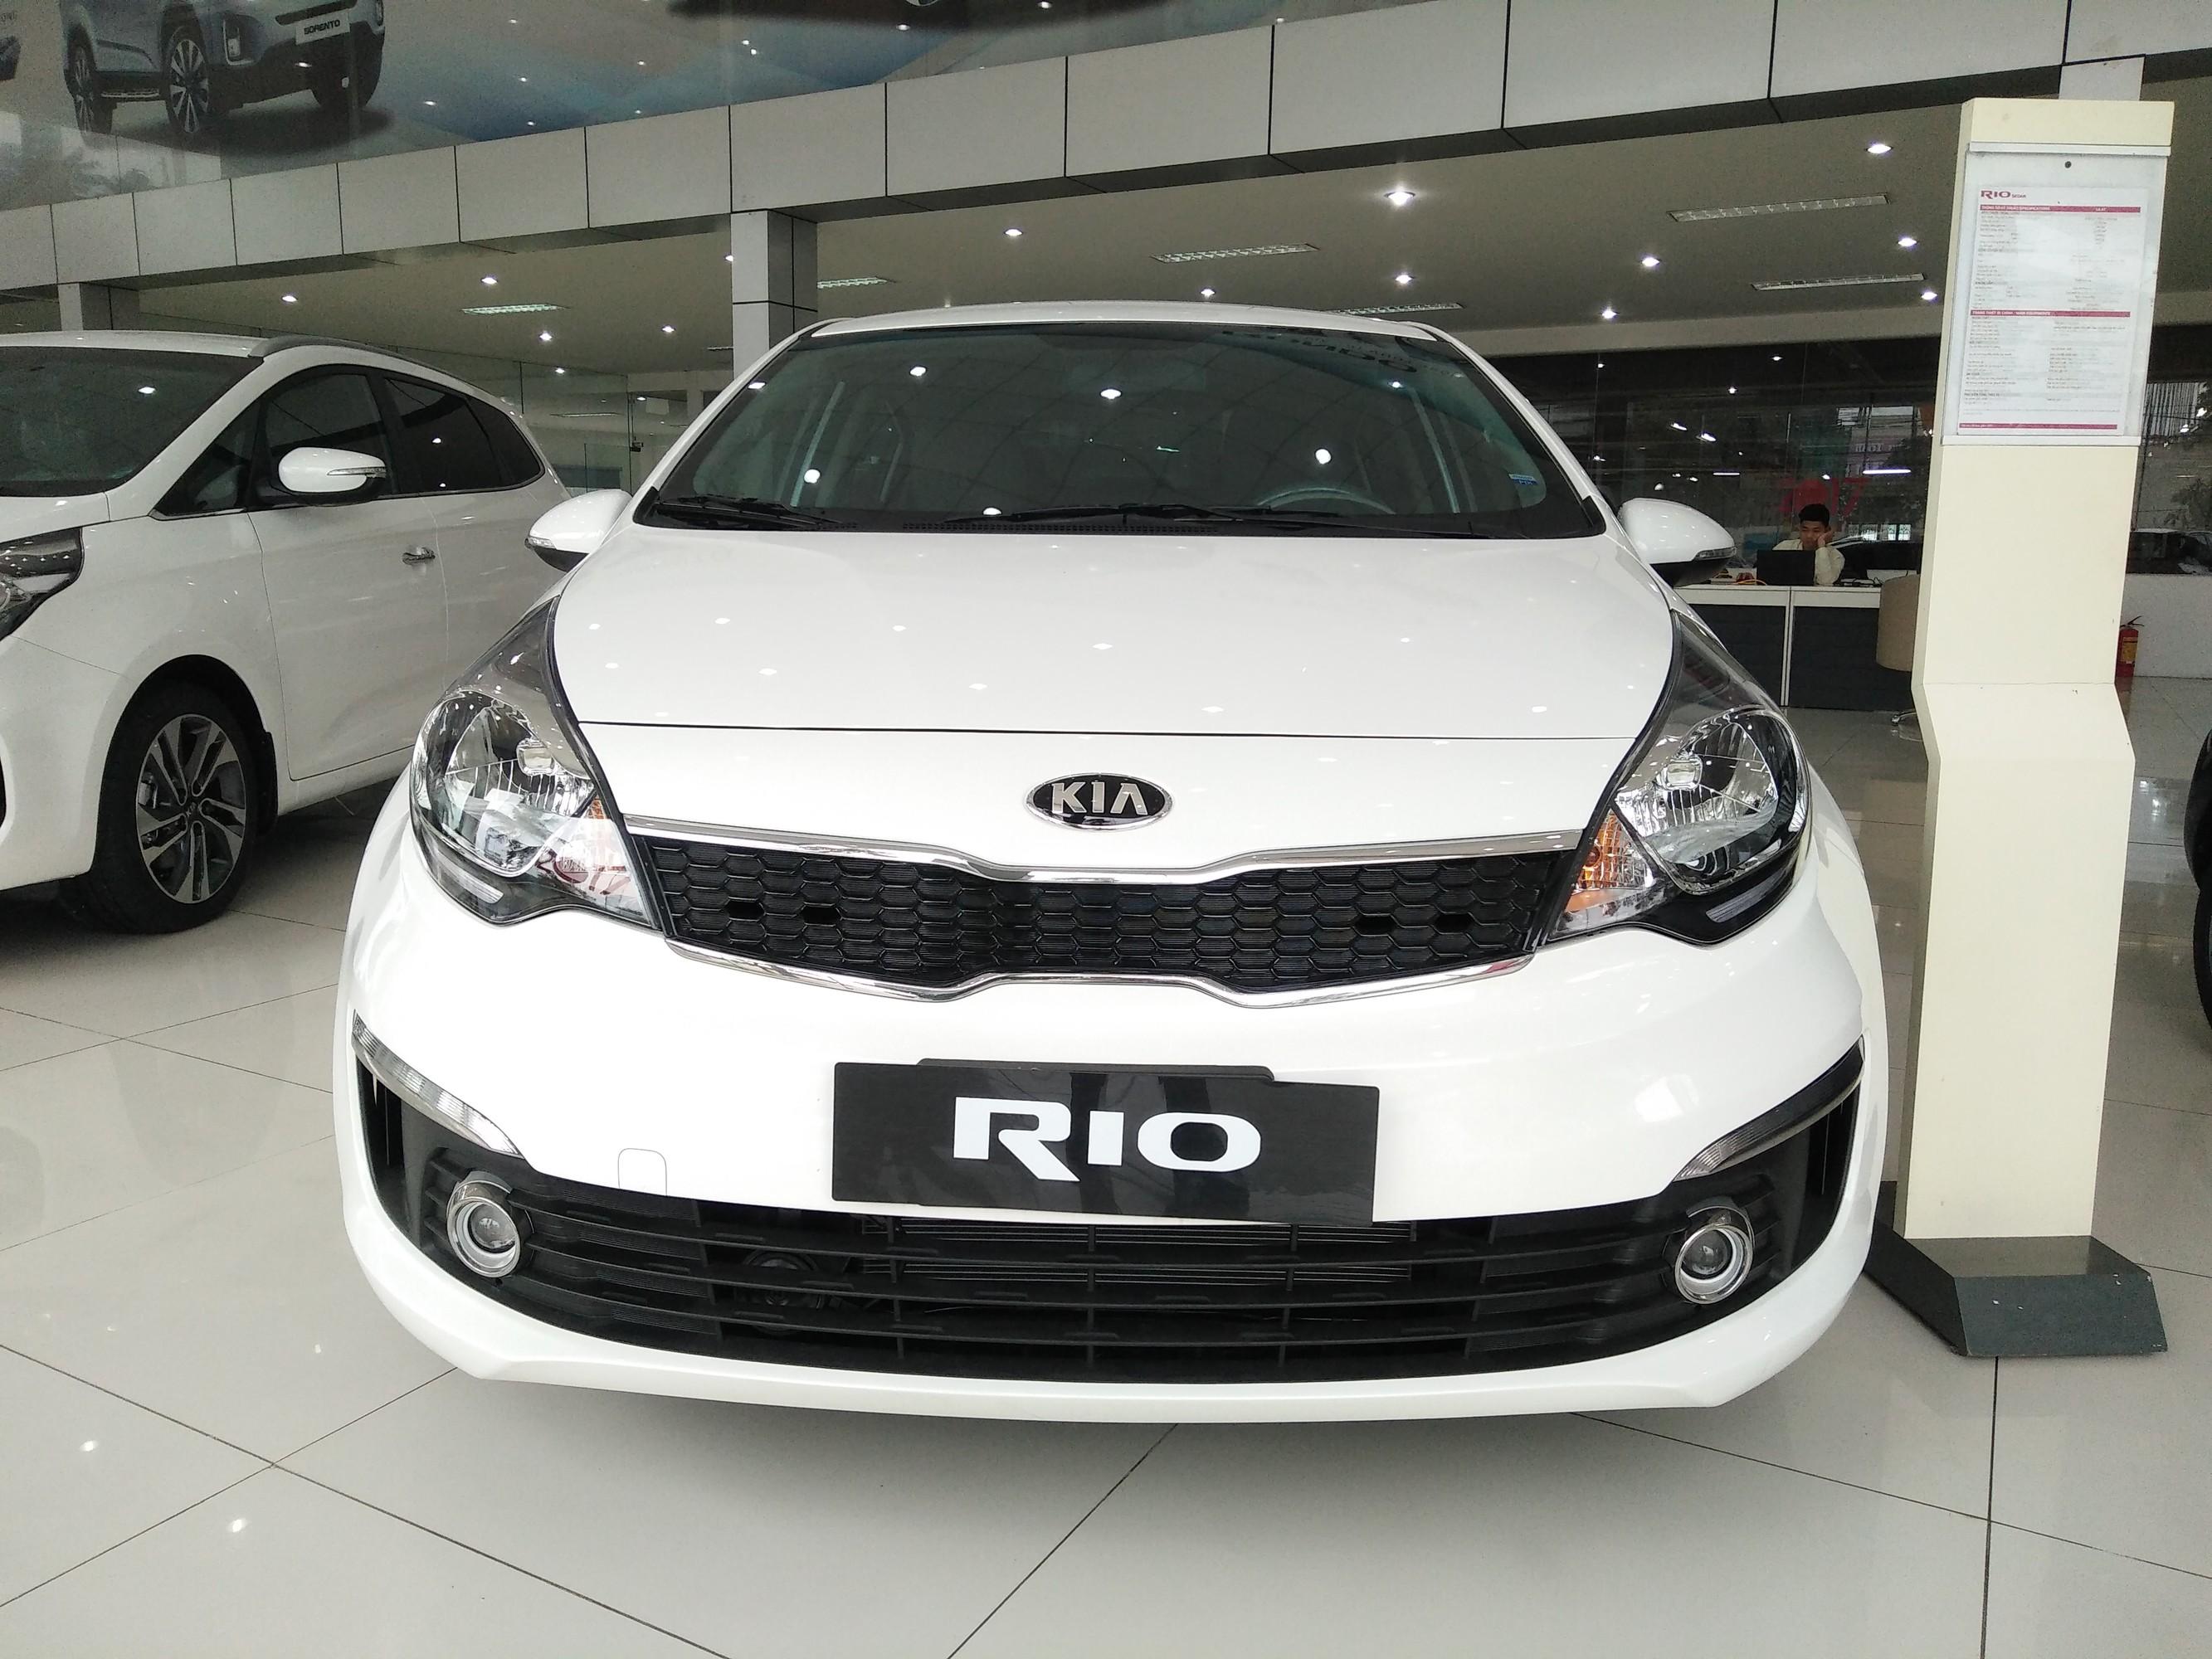 Kia Rio sedan số tự động nhập khẩu giá tốt nhất Hà Nội, Rio AT 2017 mới 100%, kia cầu diễn bán rio sedan AT nhập khẩu. Ảnh số 40810445